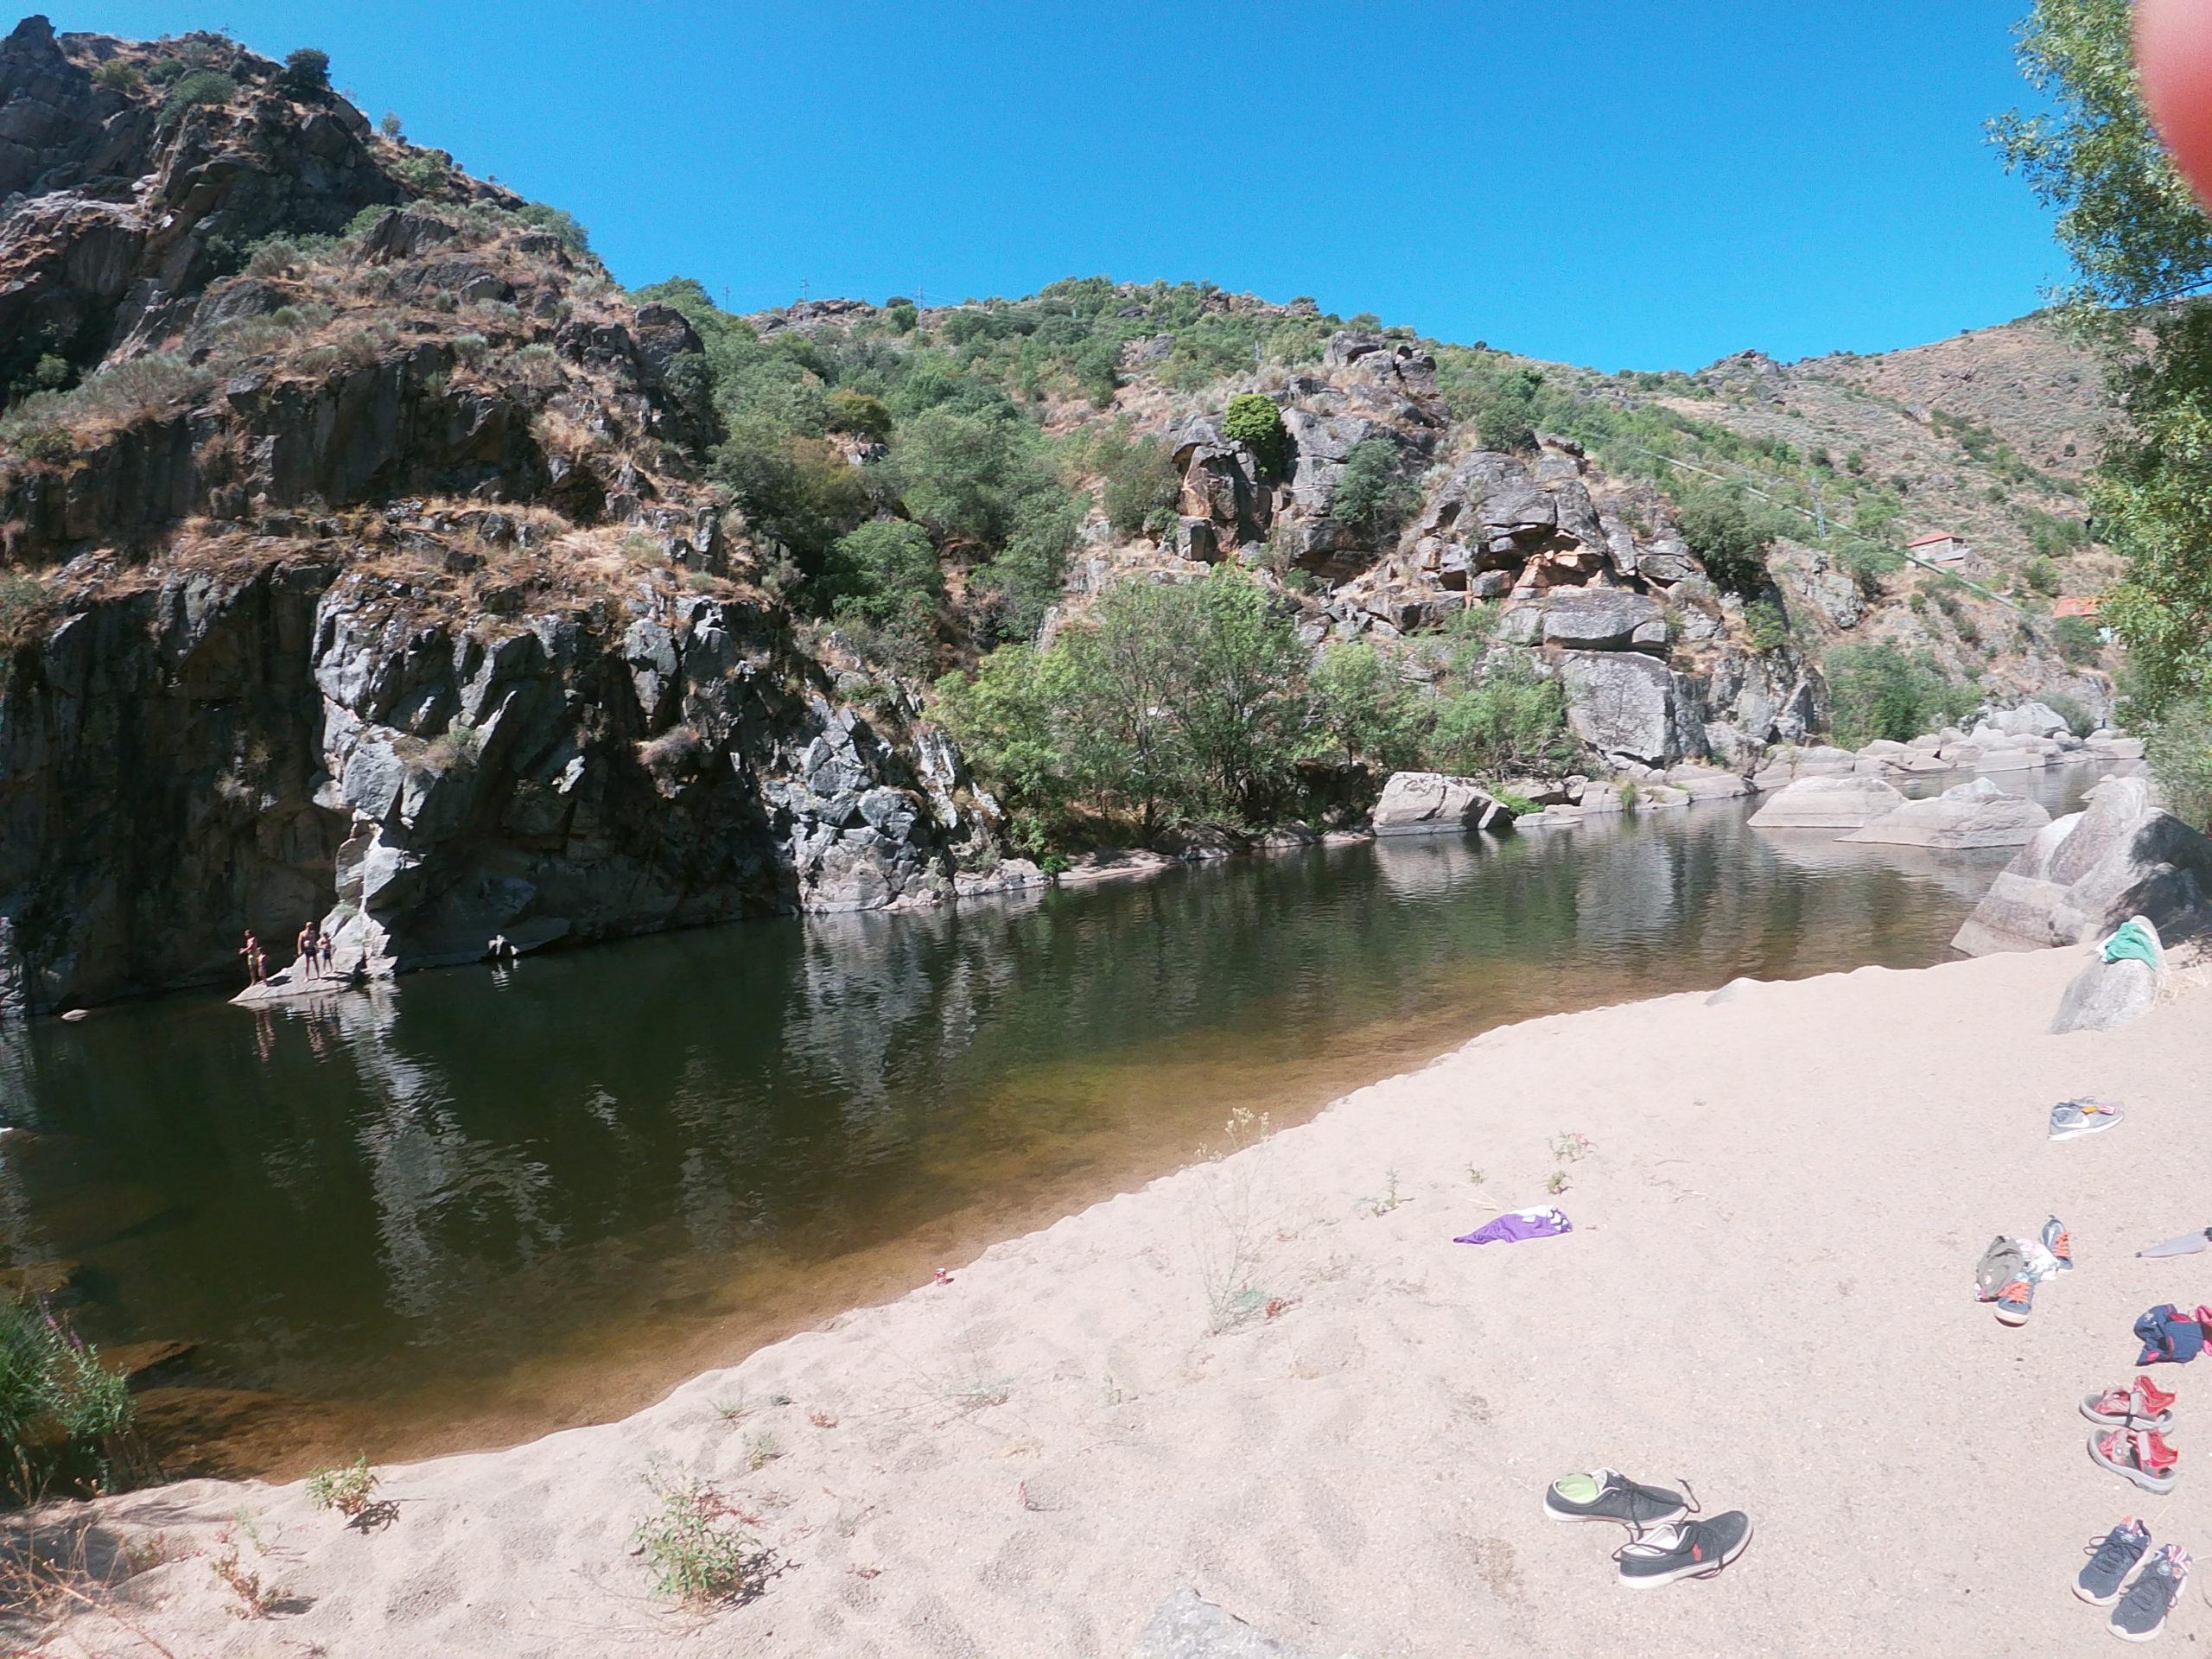 Playa en el Puente de los Franceses en San Felices de los Gallegos, Parque Natural de Arribes del Duero